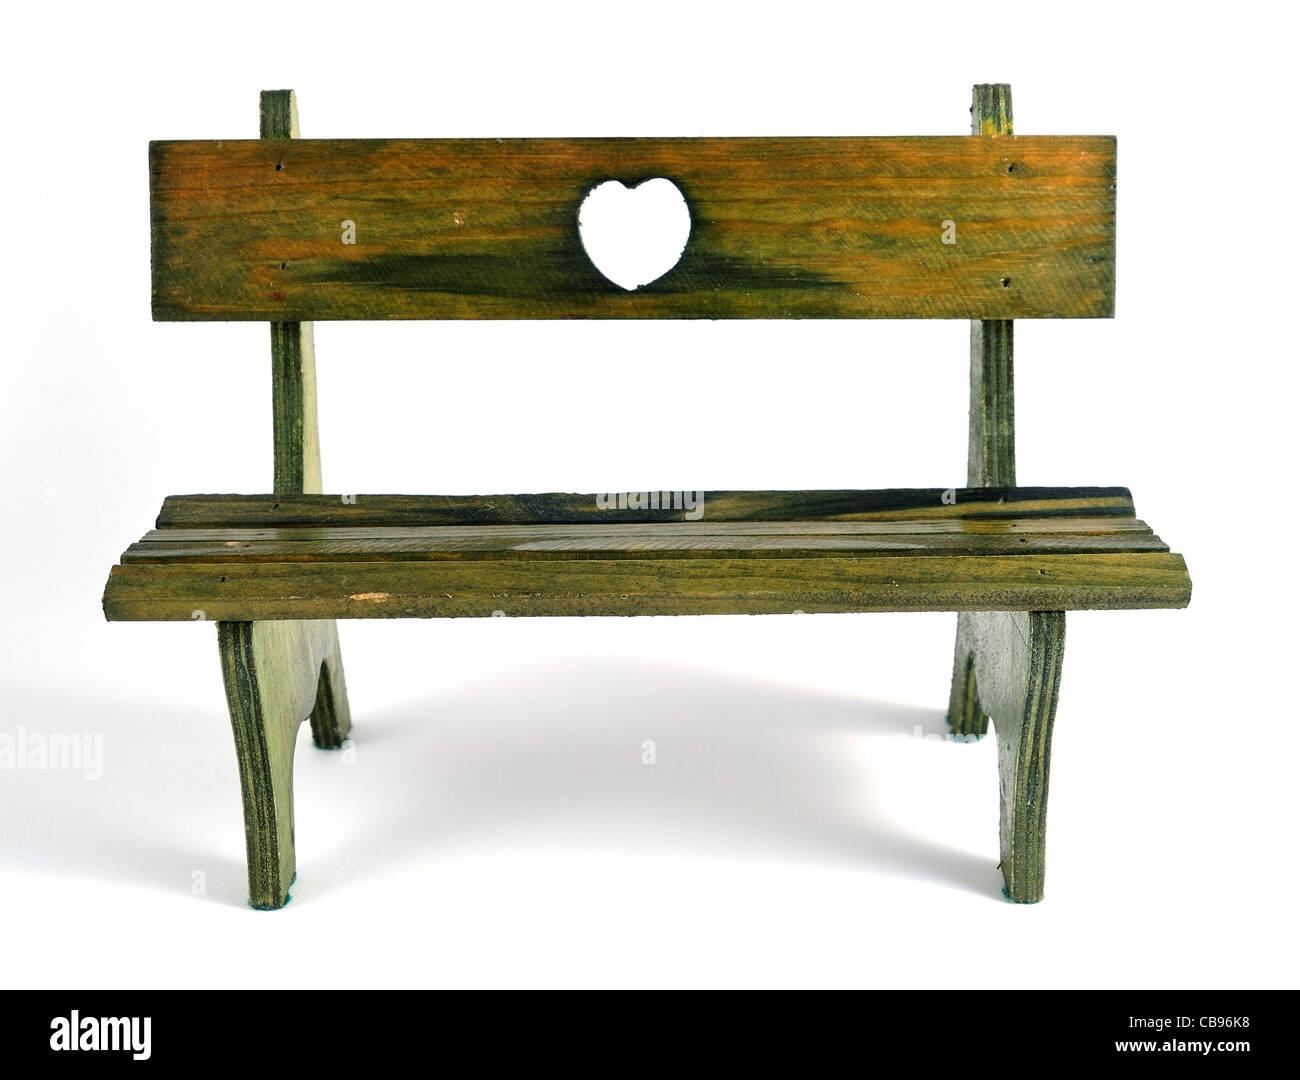 Empty bench. - Stock Image